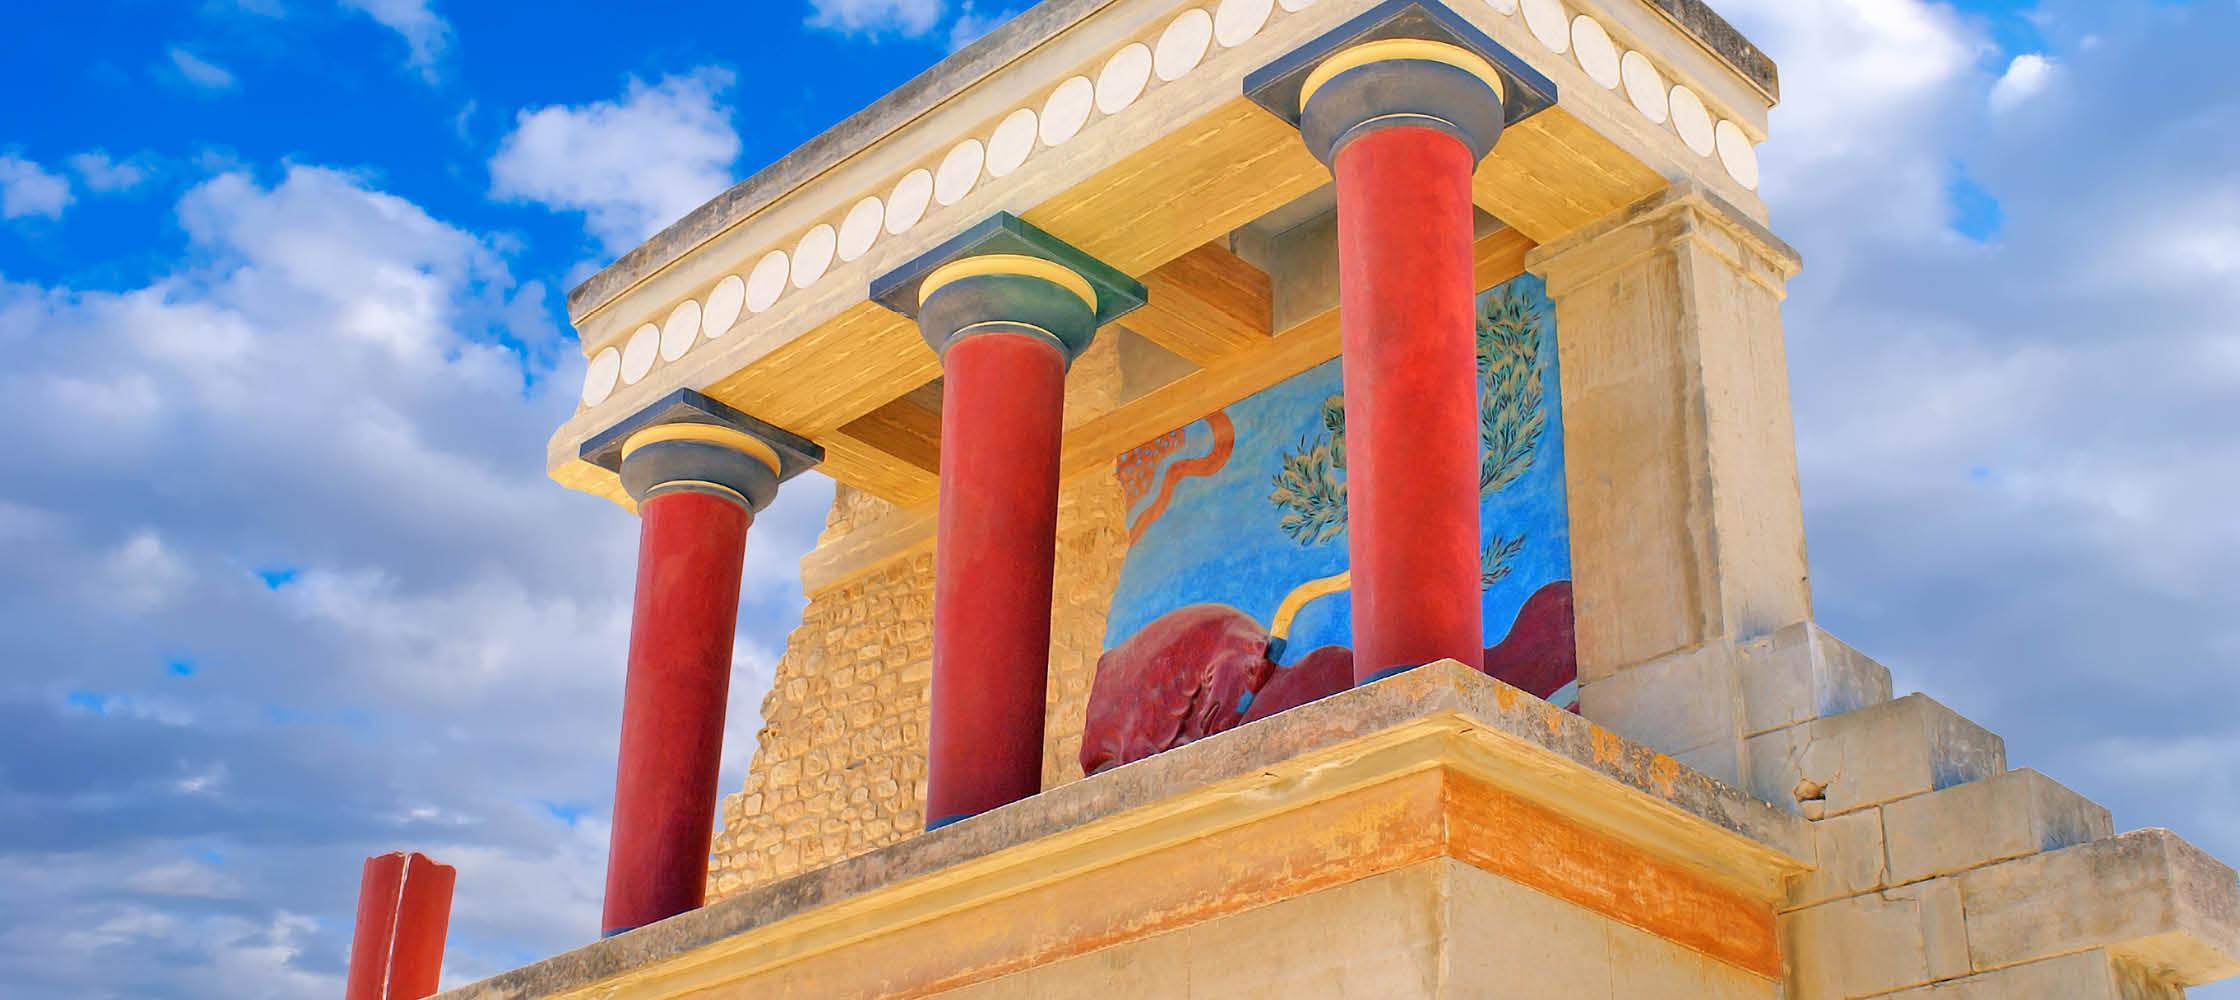 Knossos Palace i Chania på Kreta